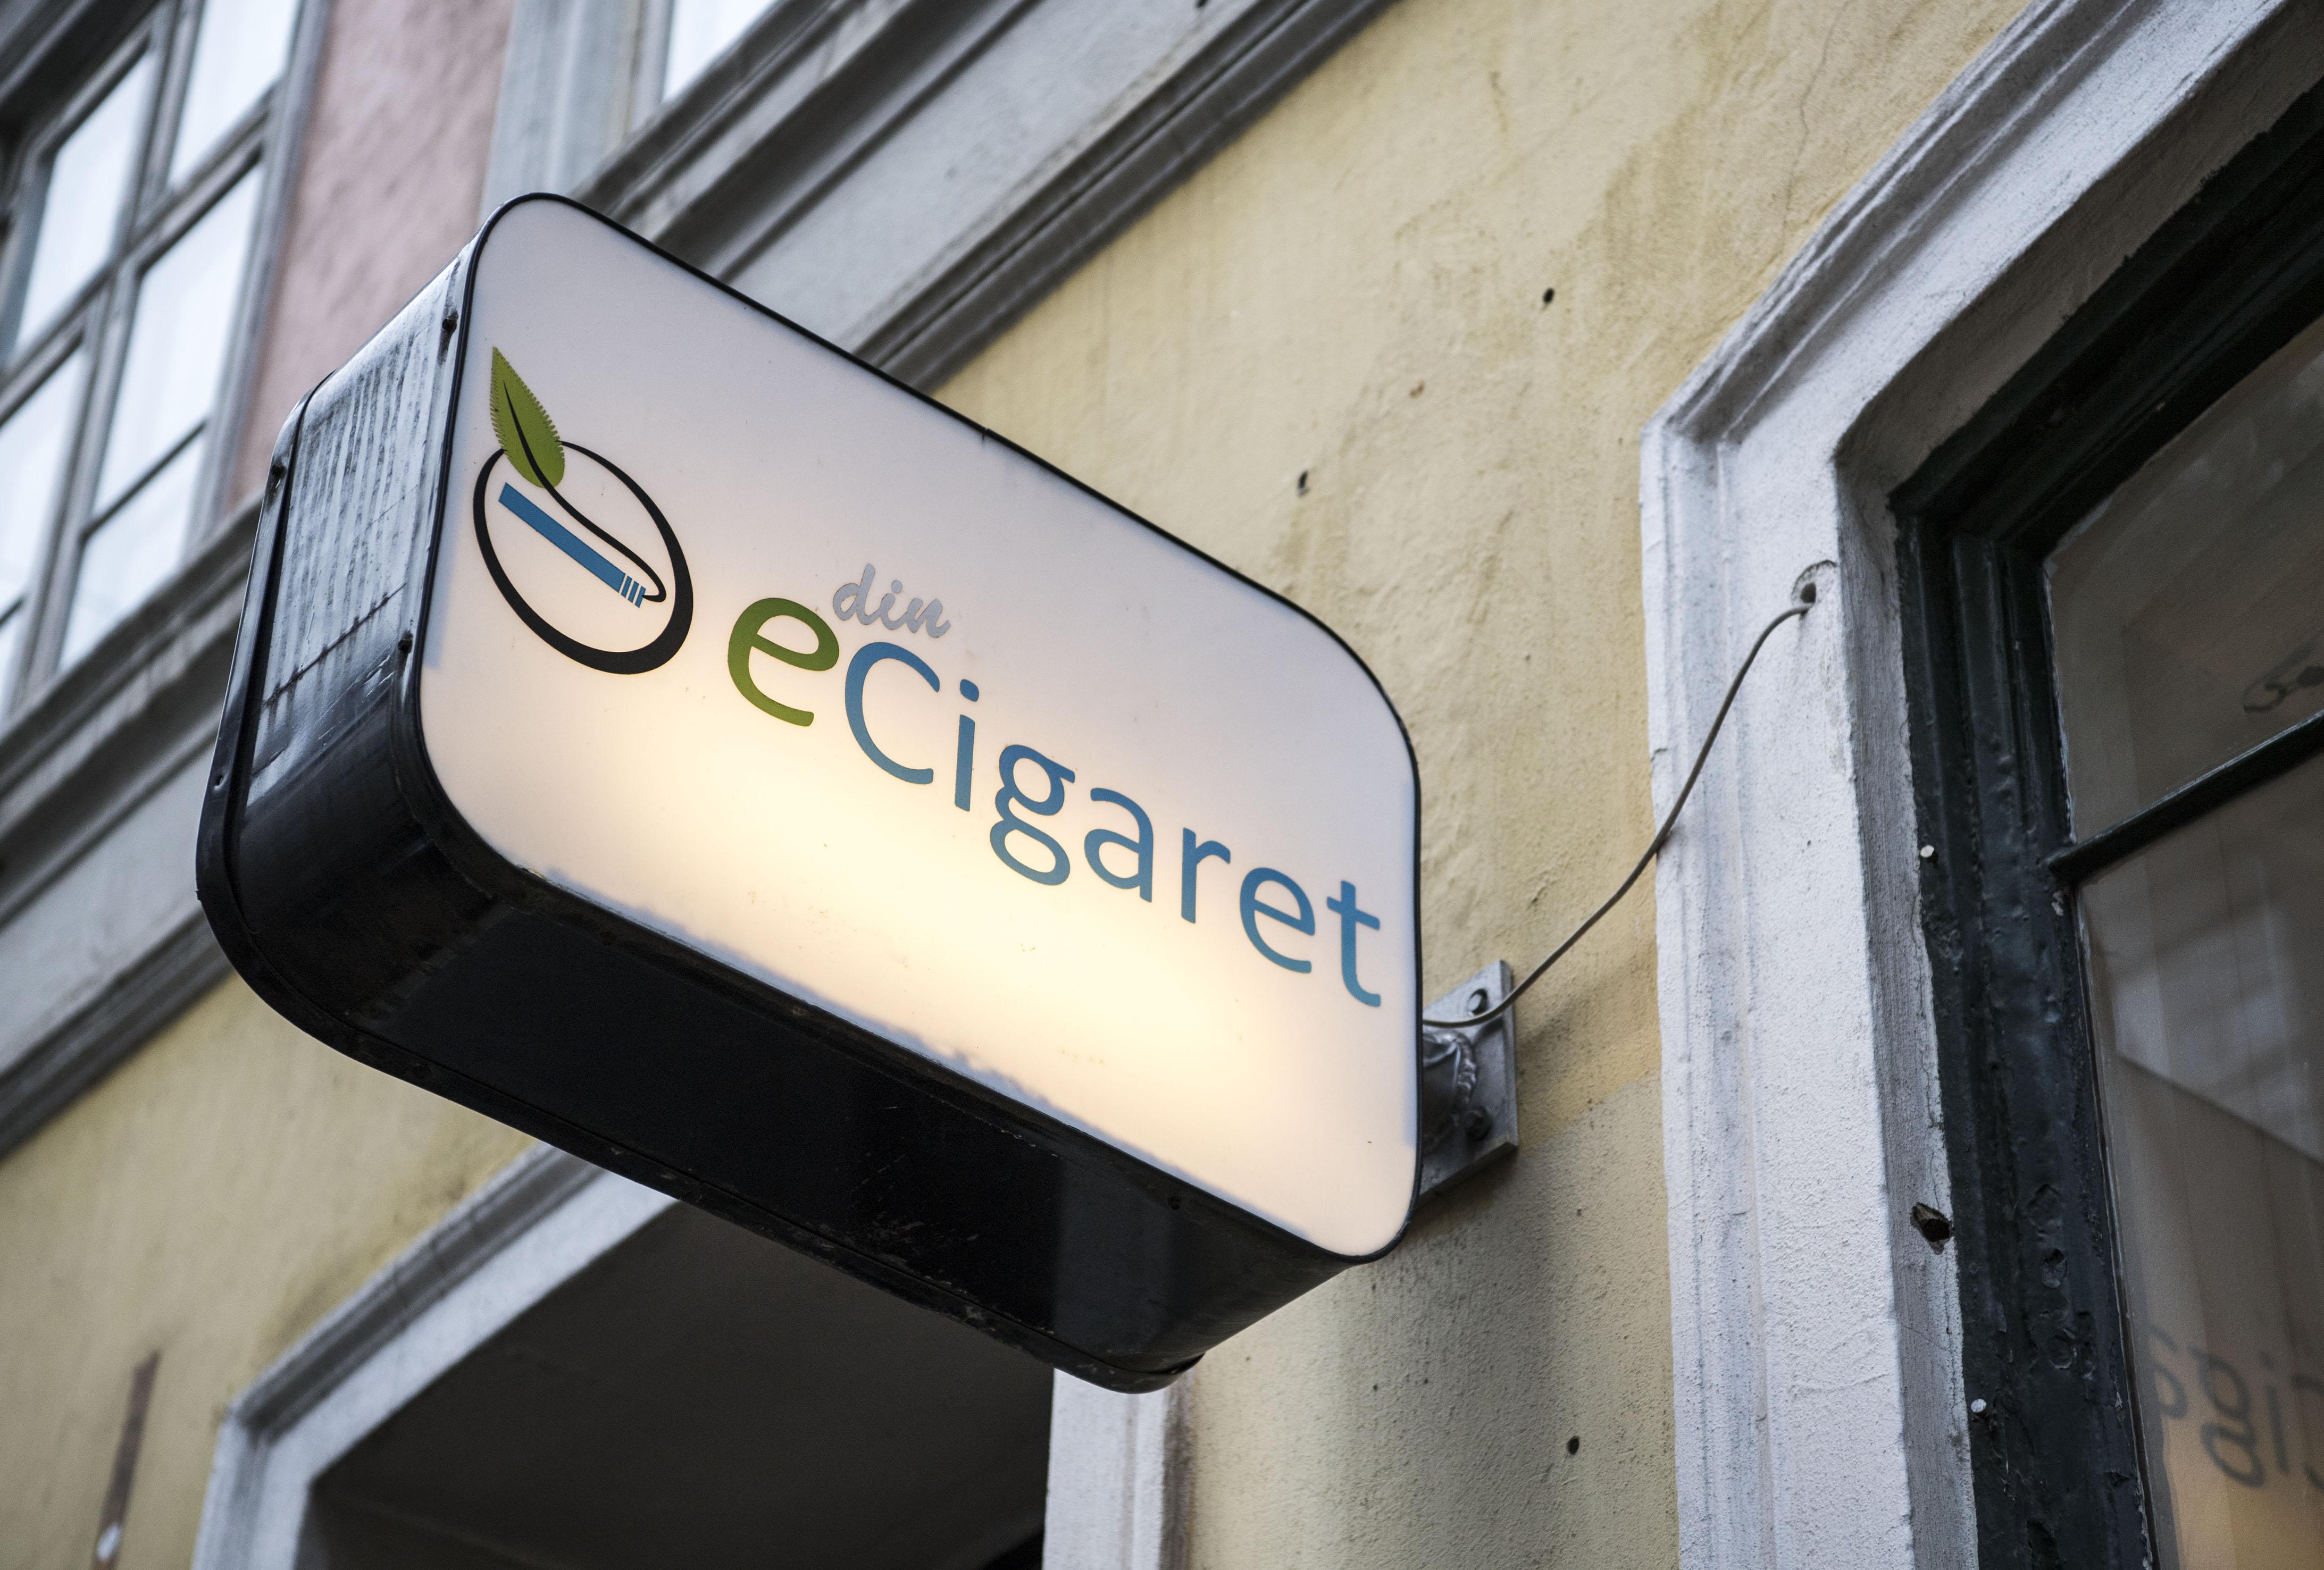 E Cigaret Butik